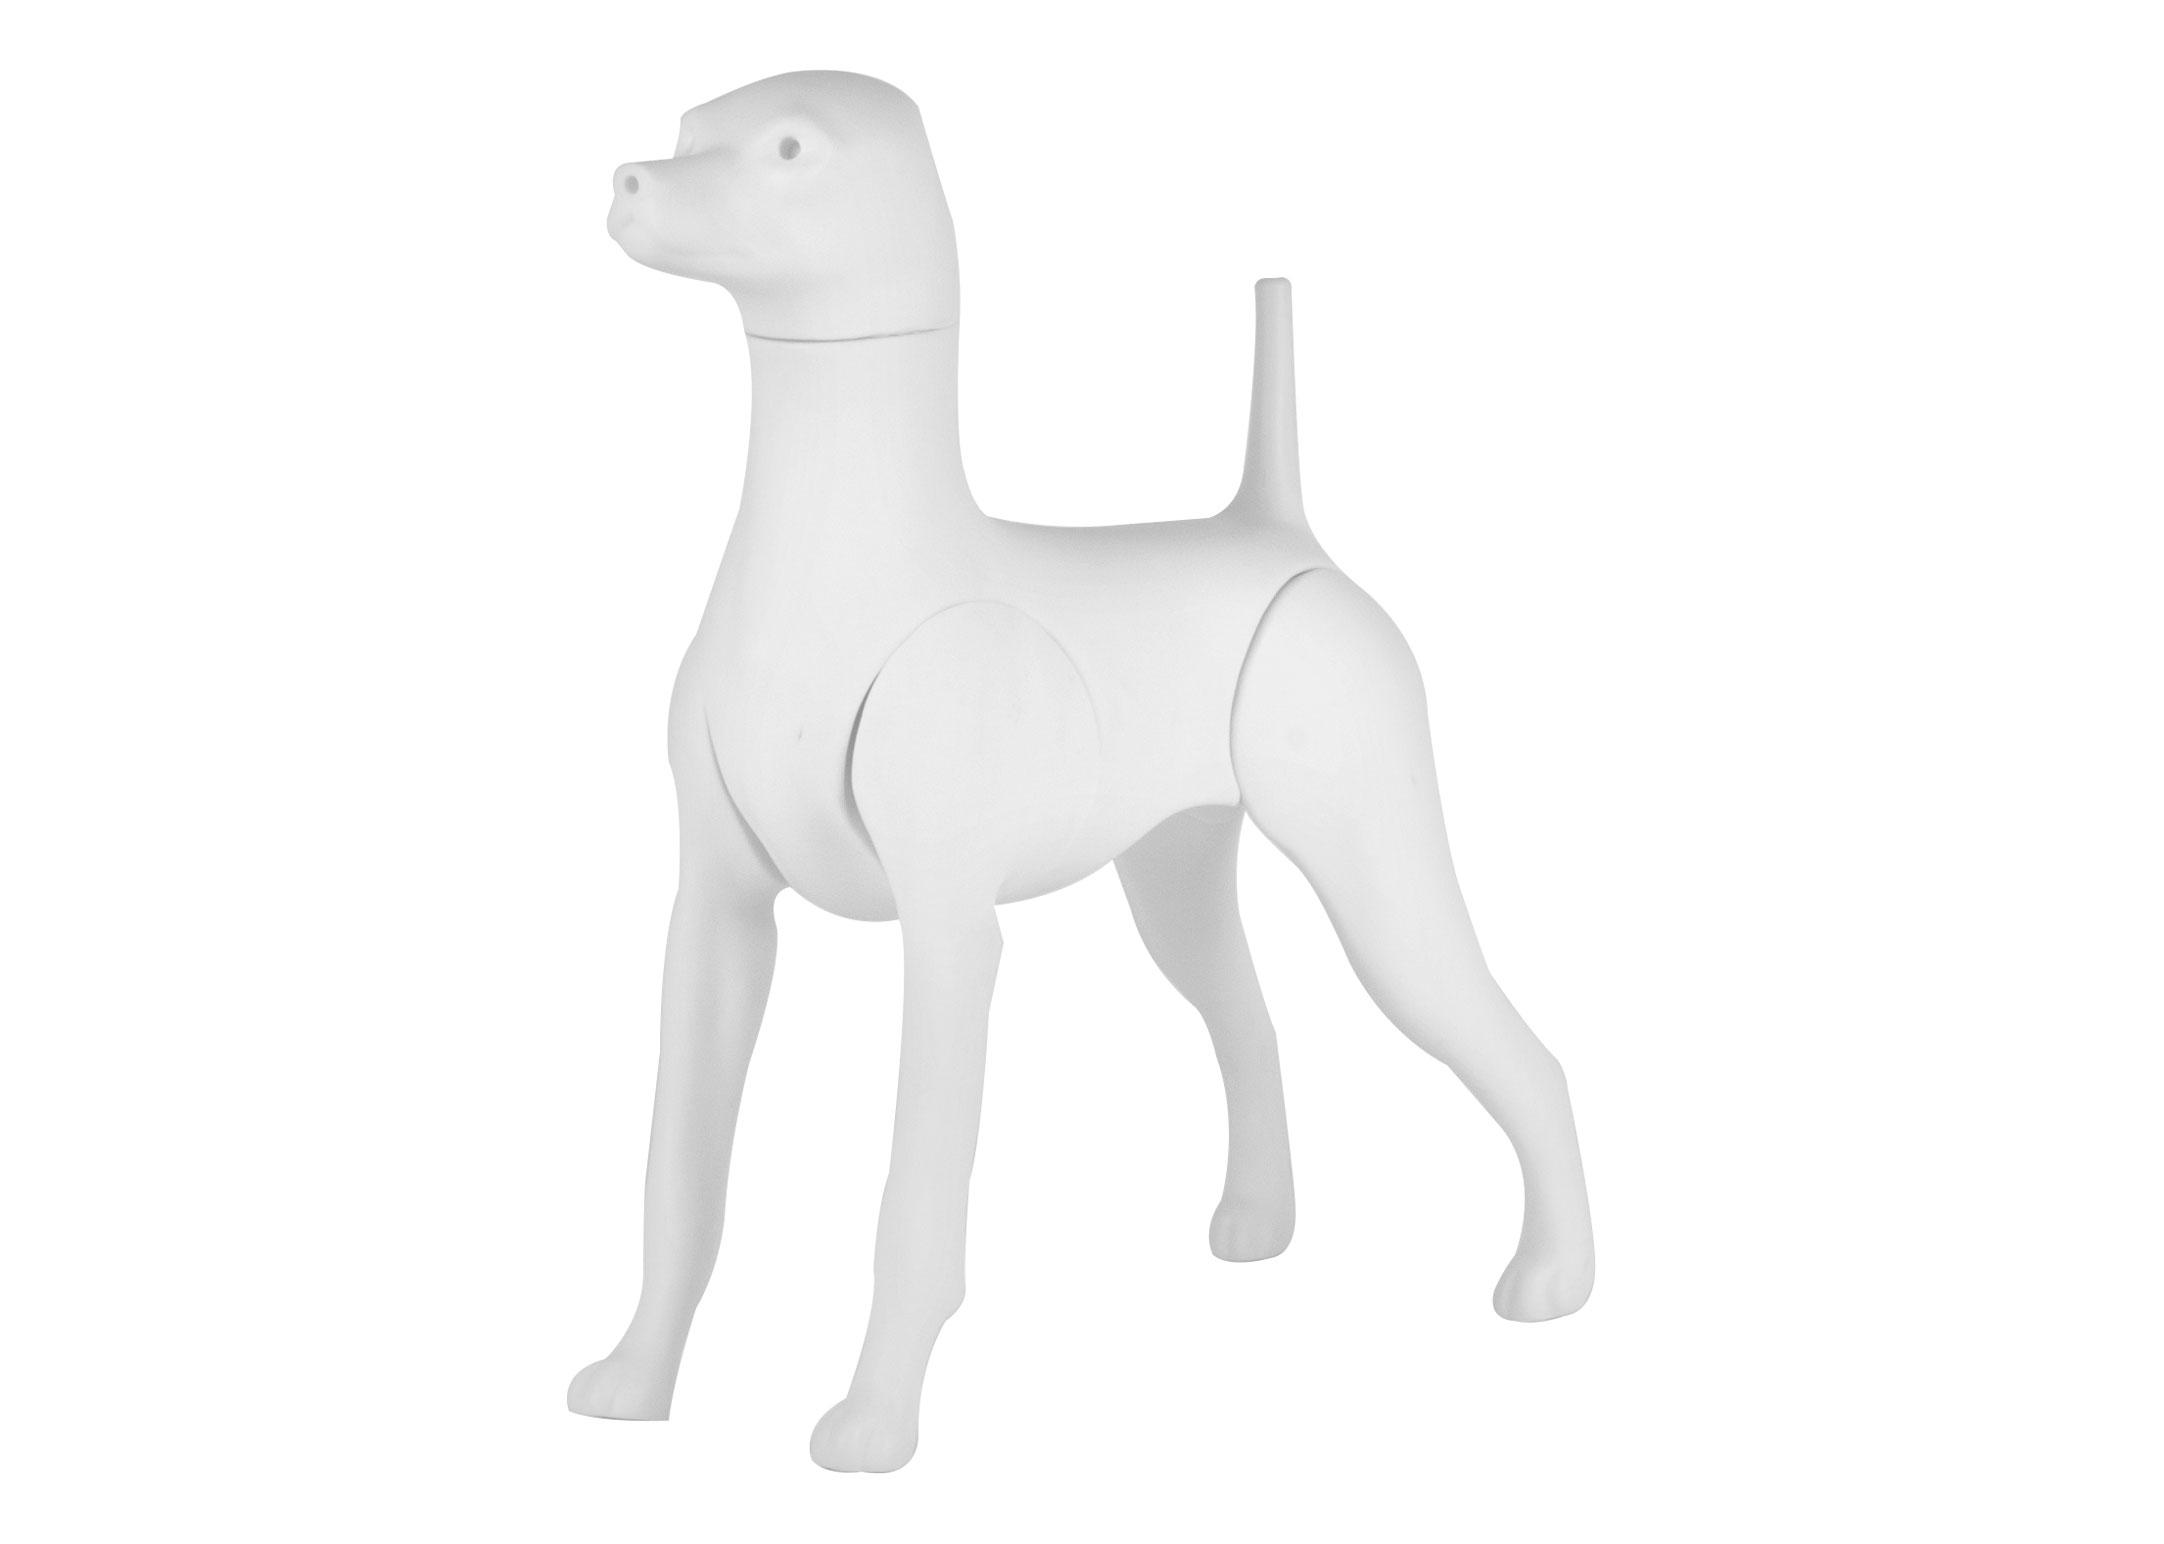 Starzclub Model Dog Poodle Asia Style Educational Dog